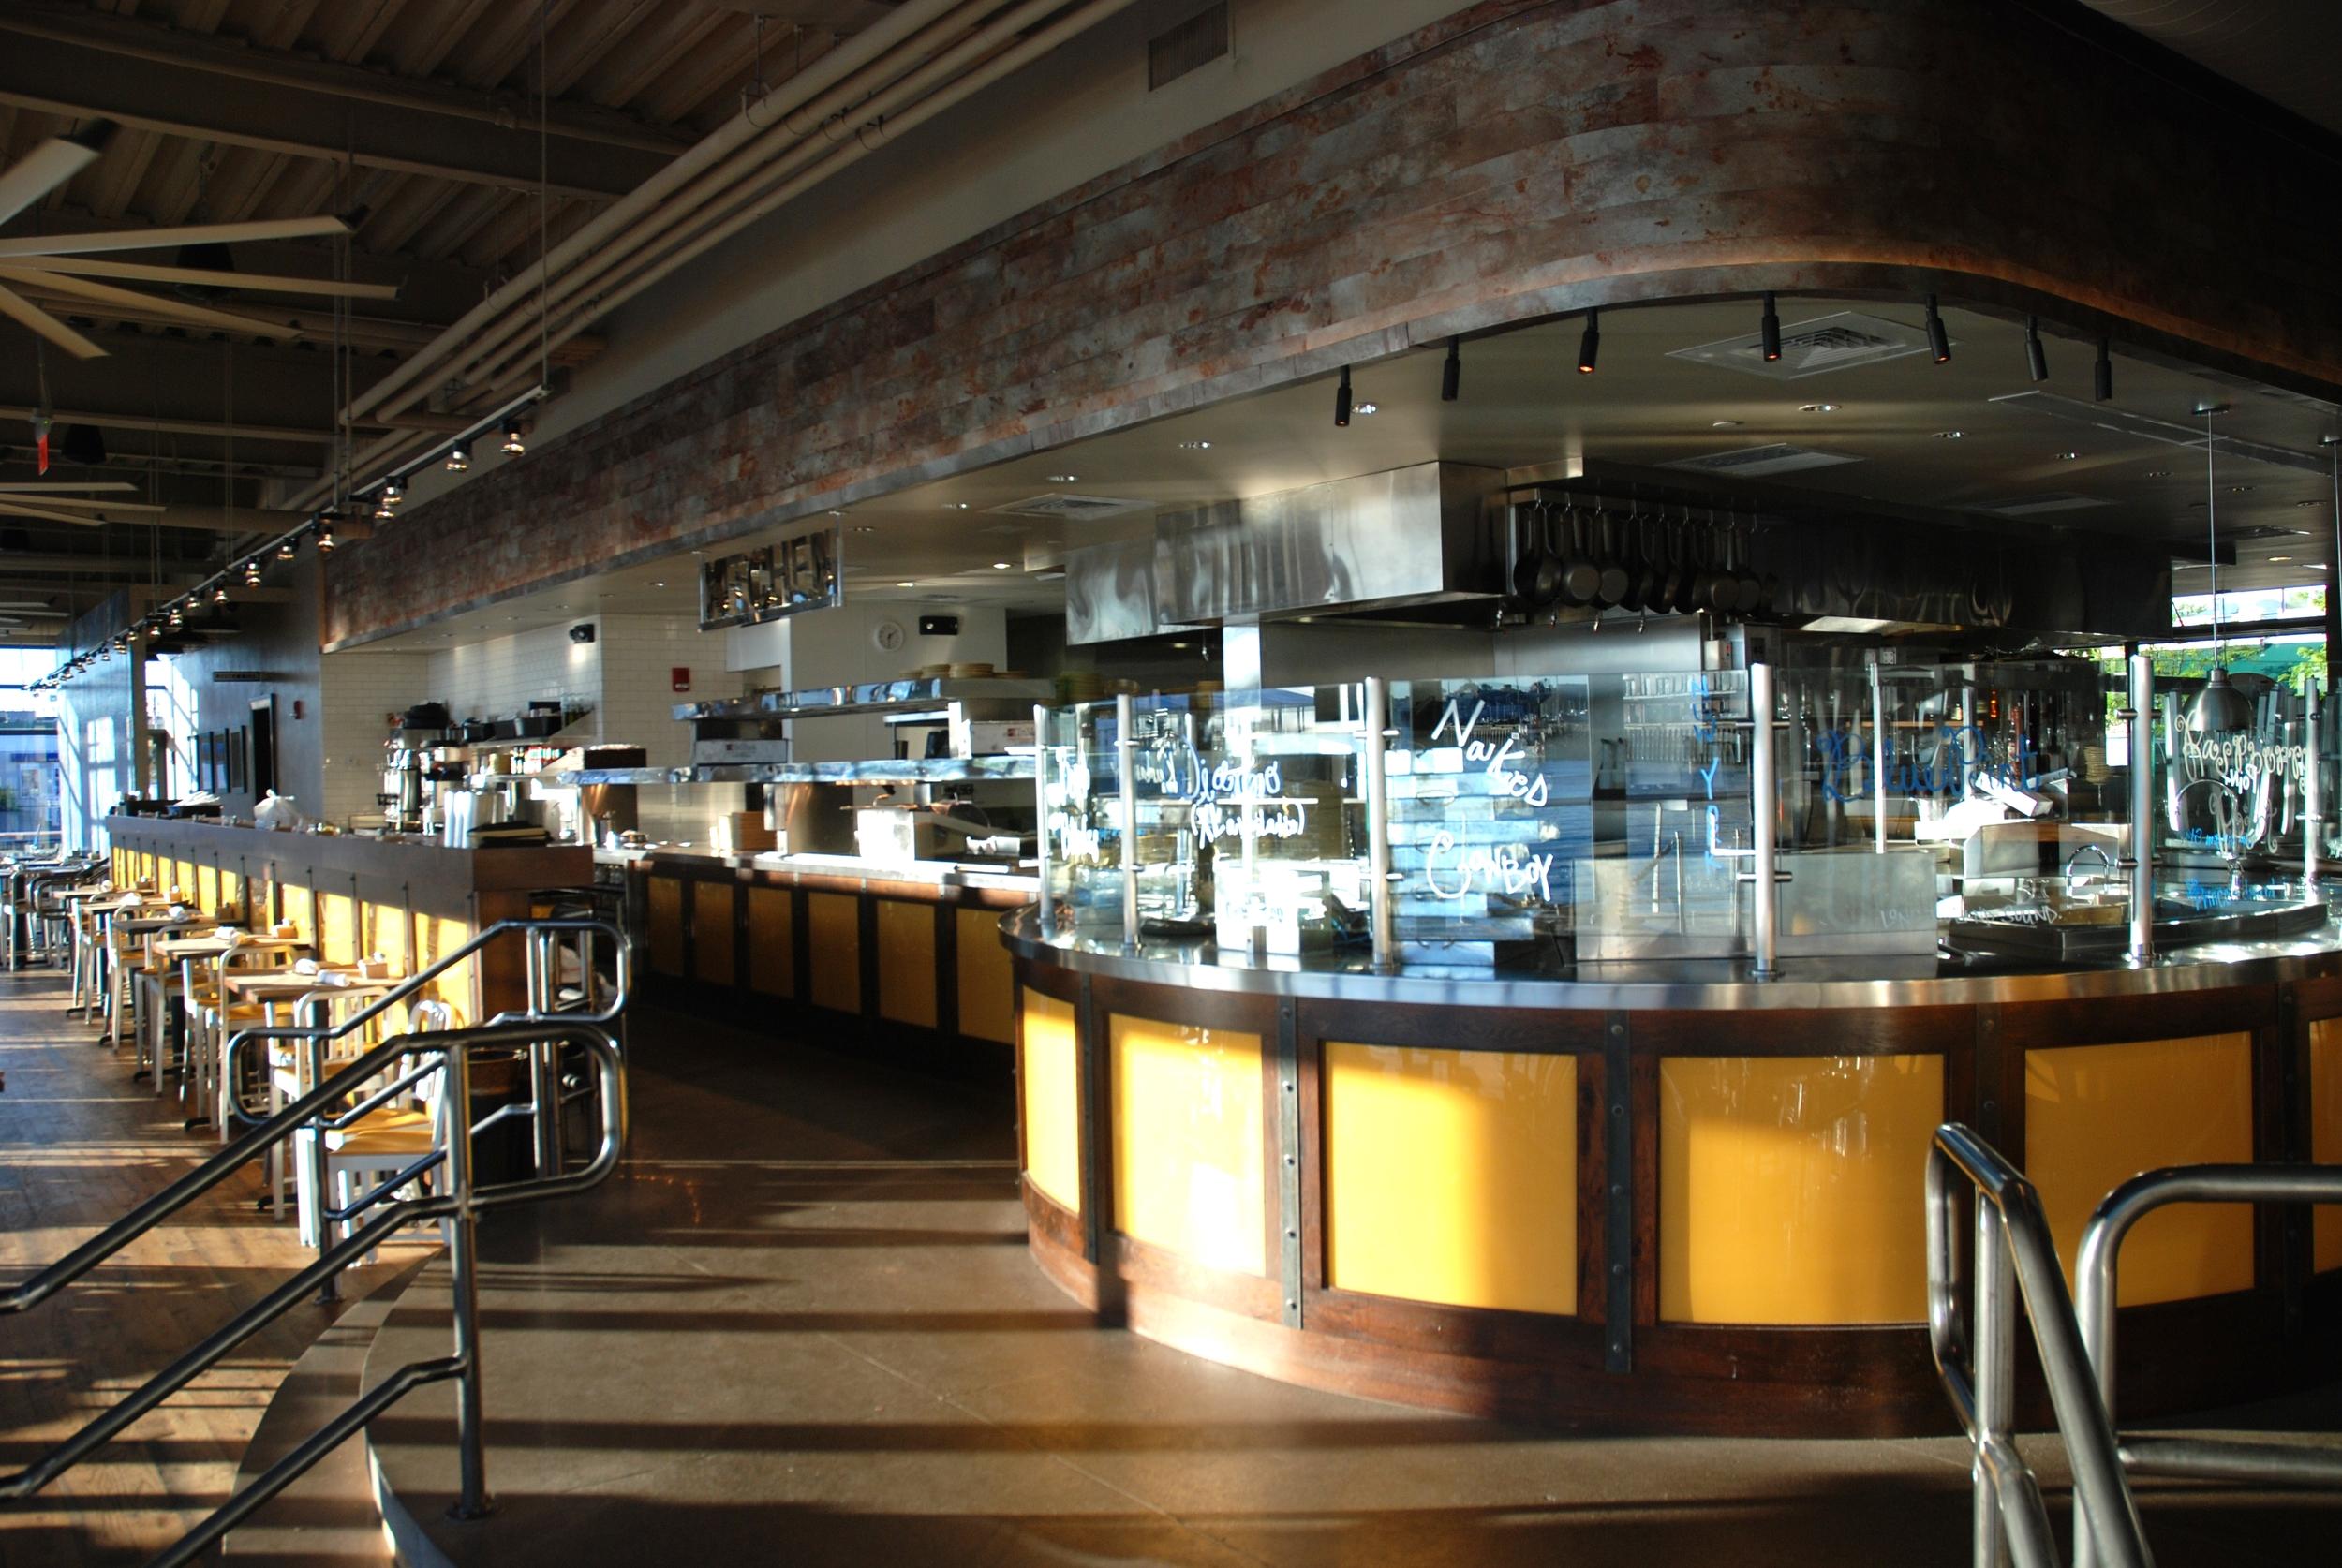 Legal Seafood - Harborside 022.jpg